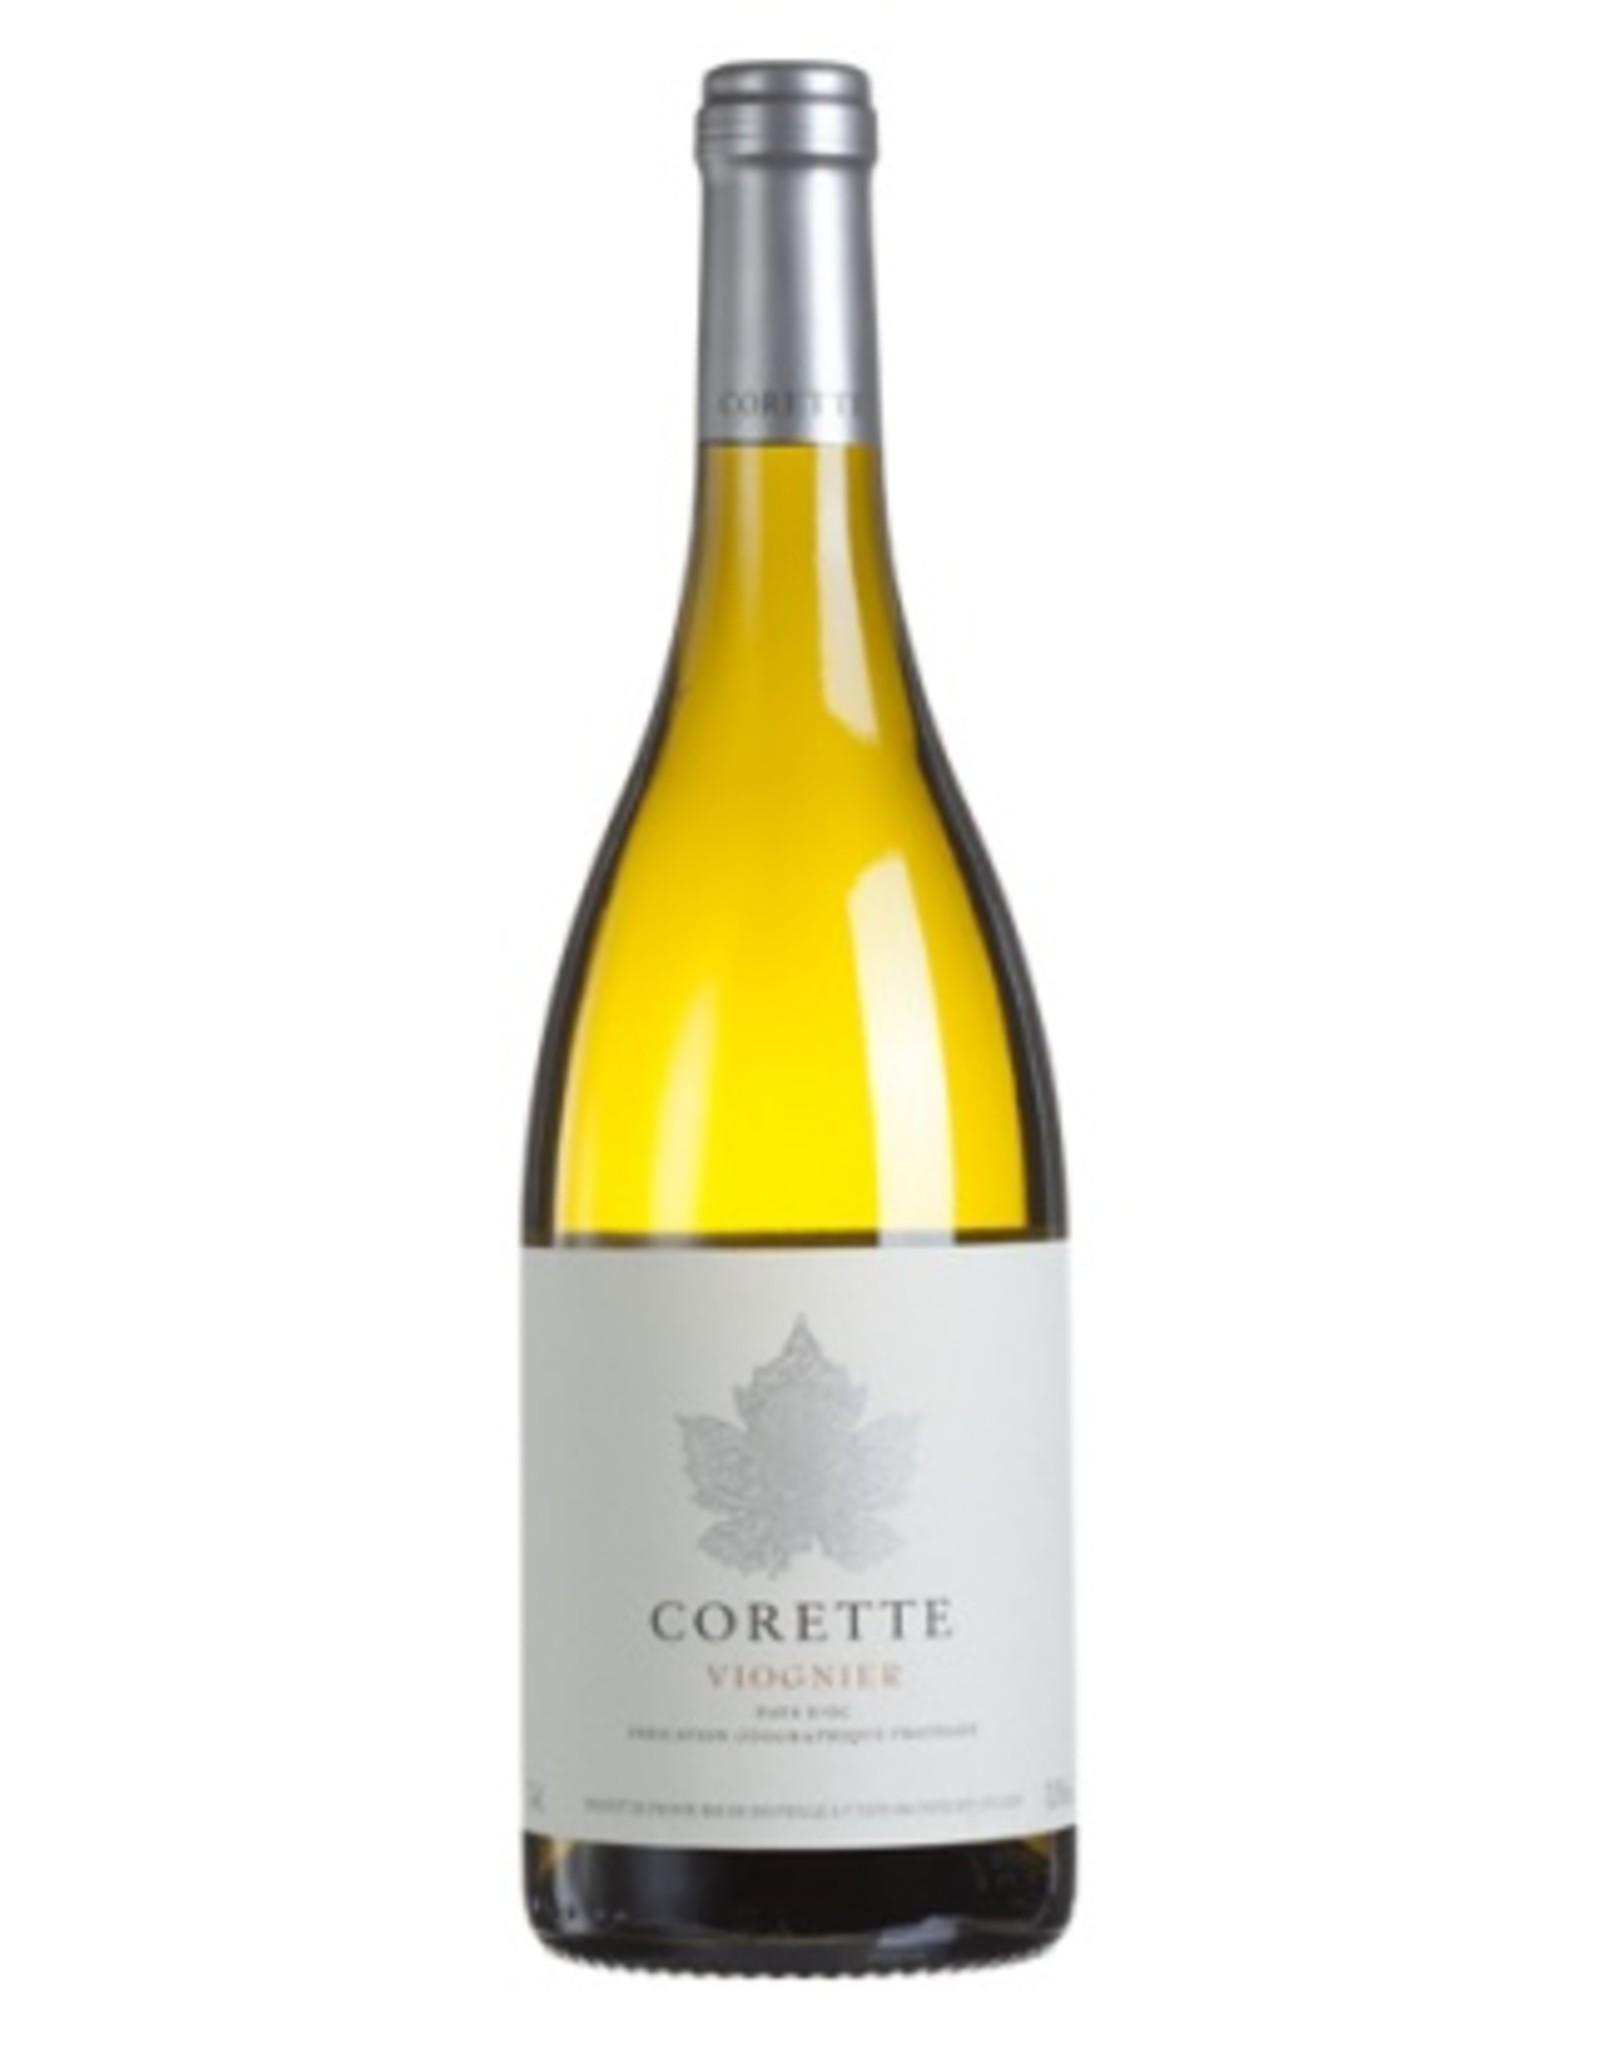 Corette CORETTE Viognier